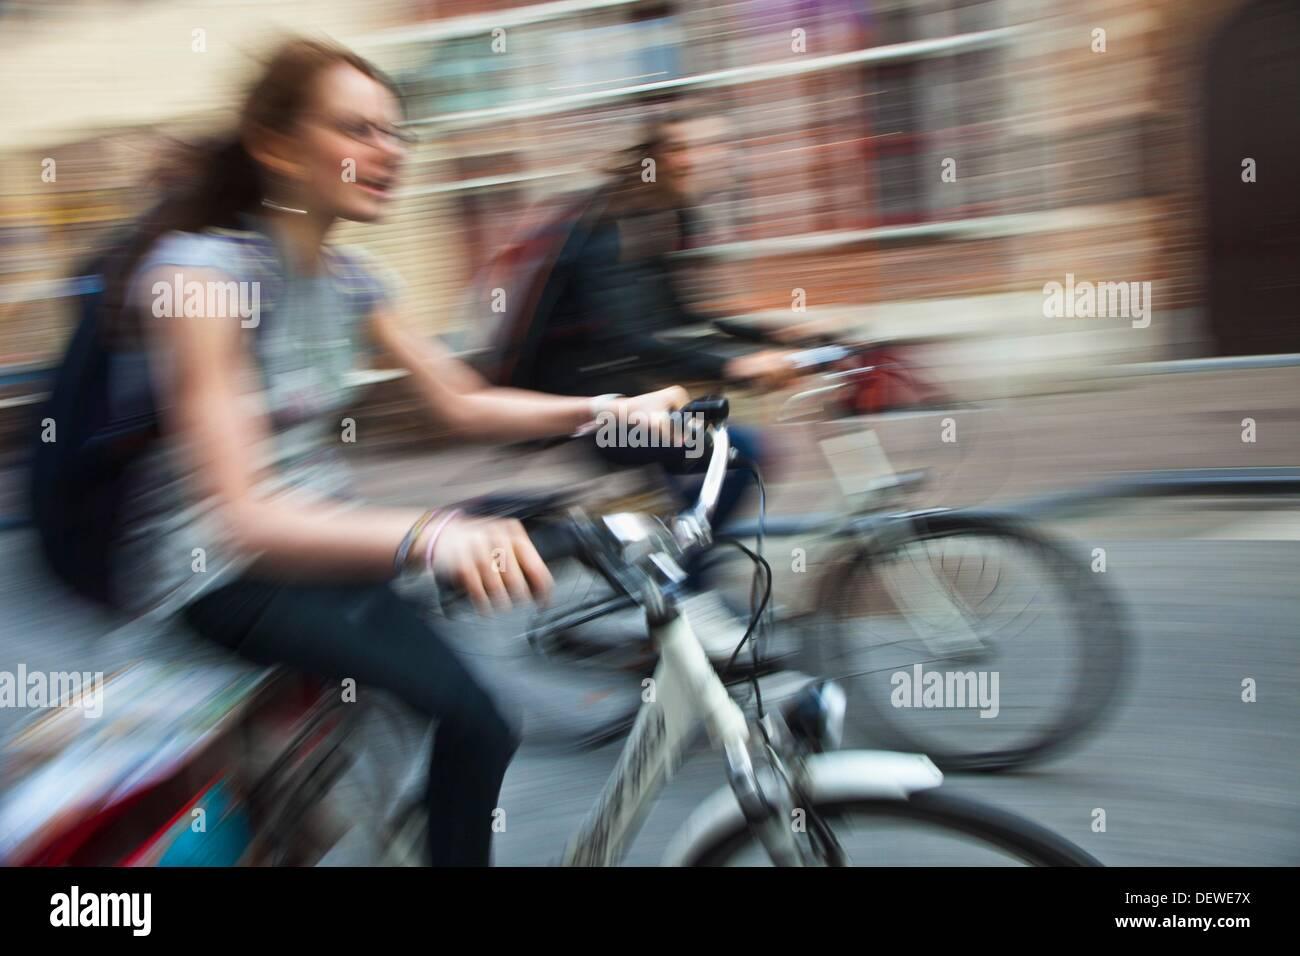 Menschen im Zyklus Brügge, Brügge, Flandern, Belgien, UNESCO-Weltkulturerbe. Stockfoto